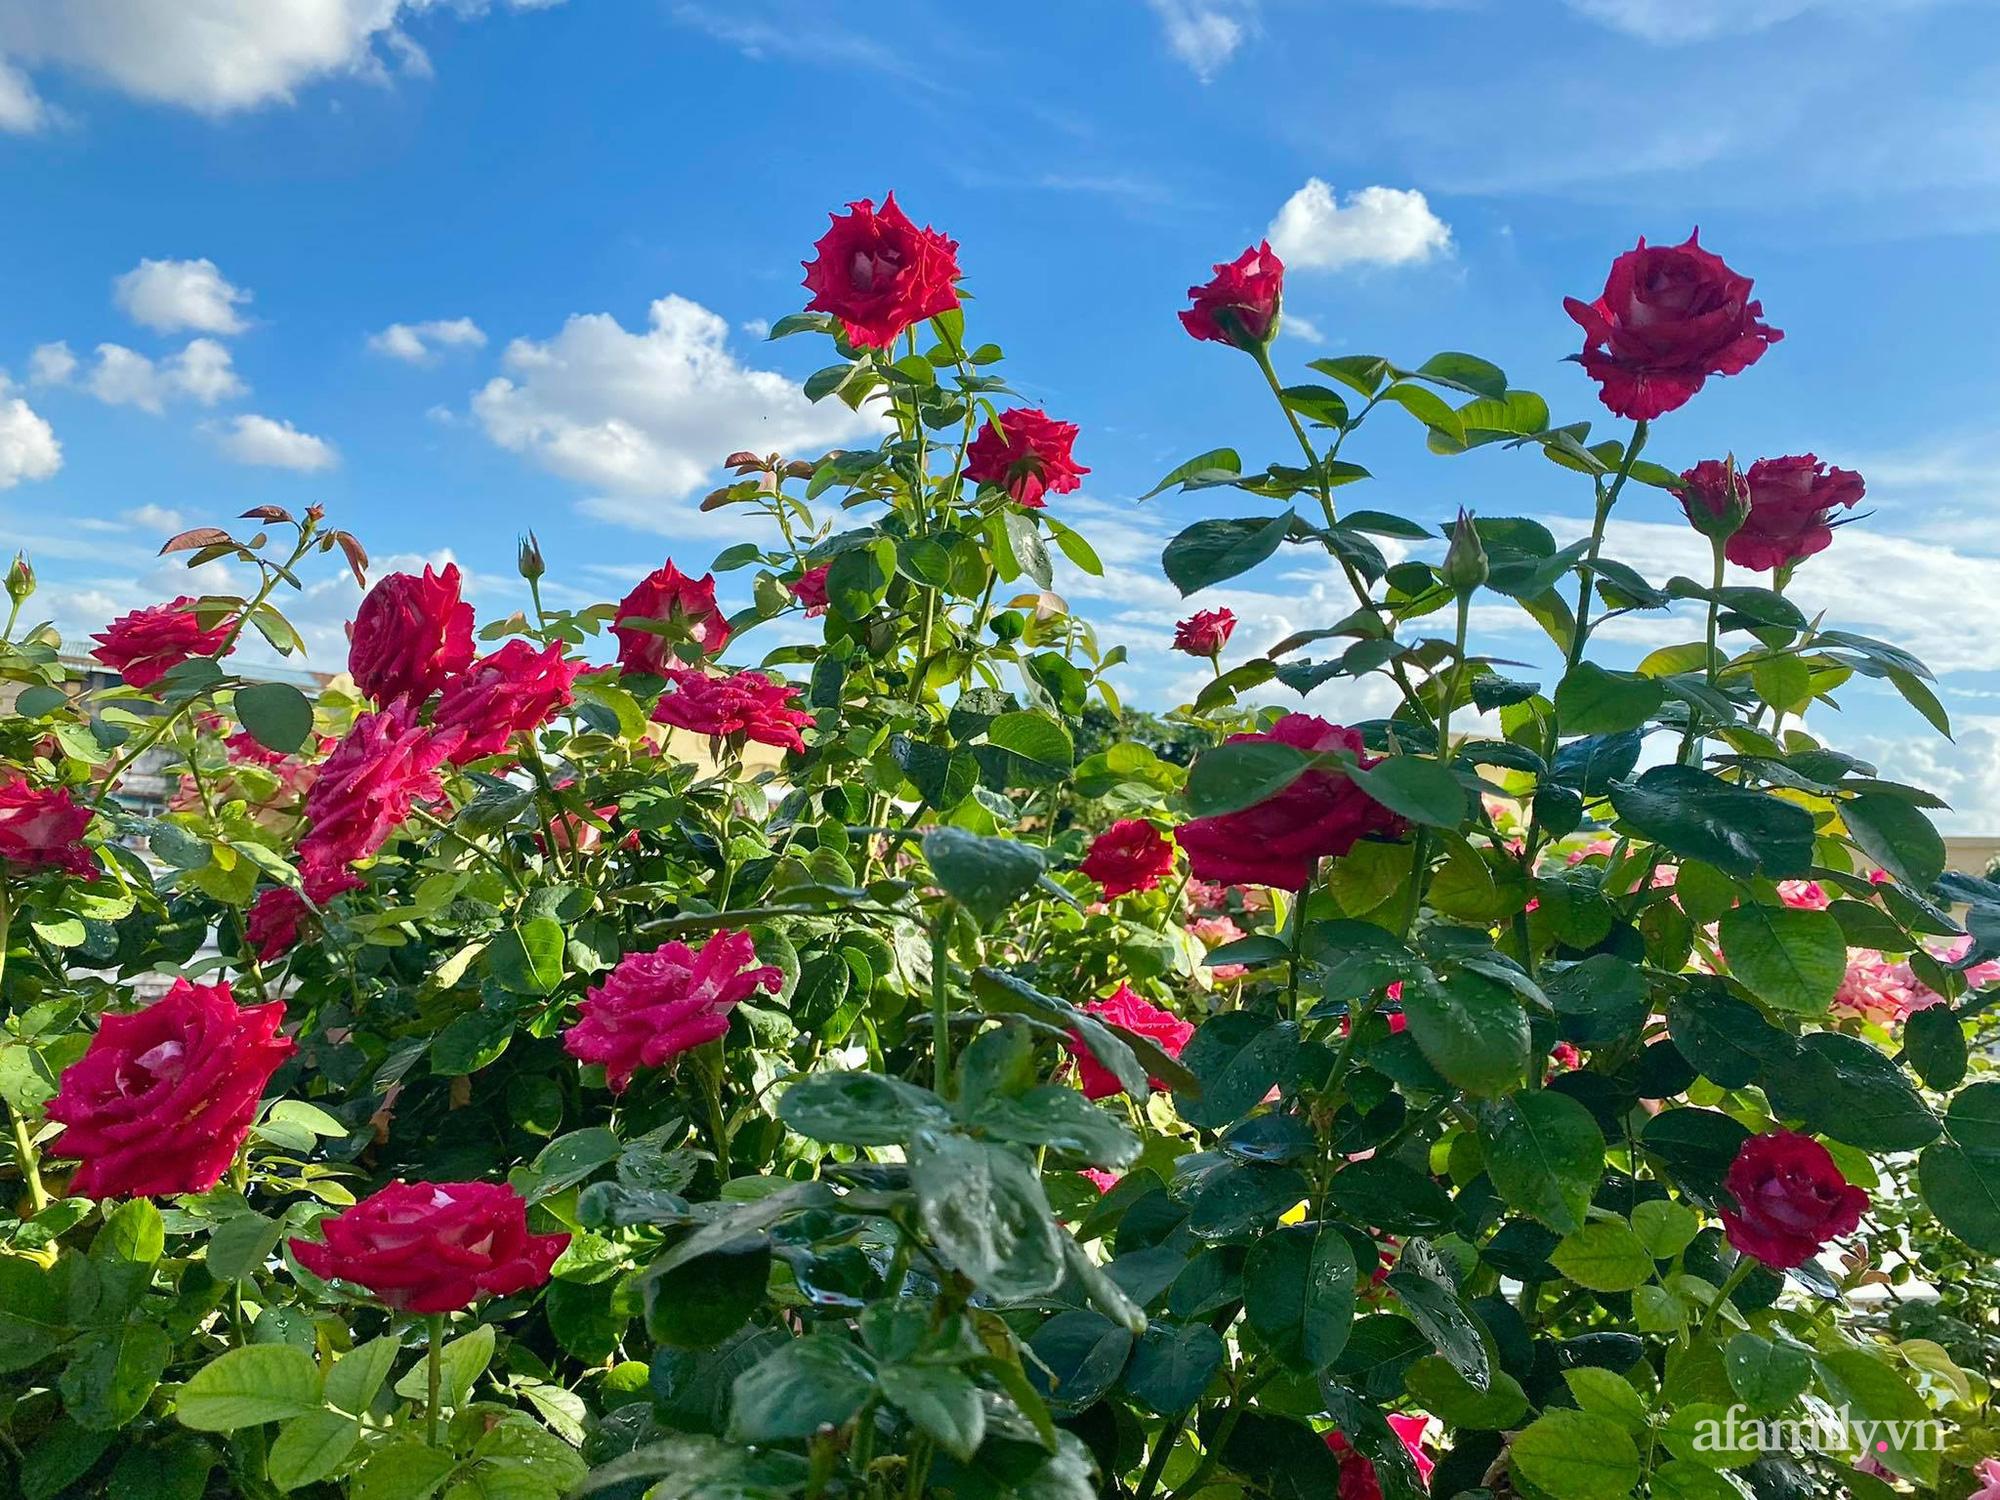 Sân thượng phủ kín hoa hồng và rau quả sạch ở Sài Gòn của Hoa hậu Janny Thủy Trần - ảnh 18